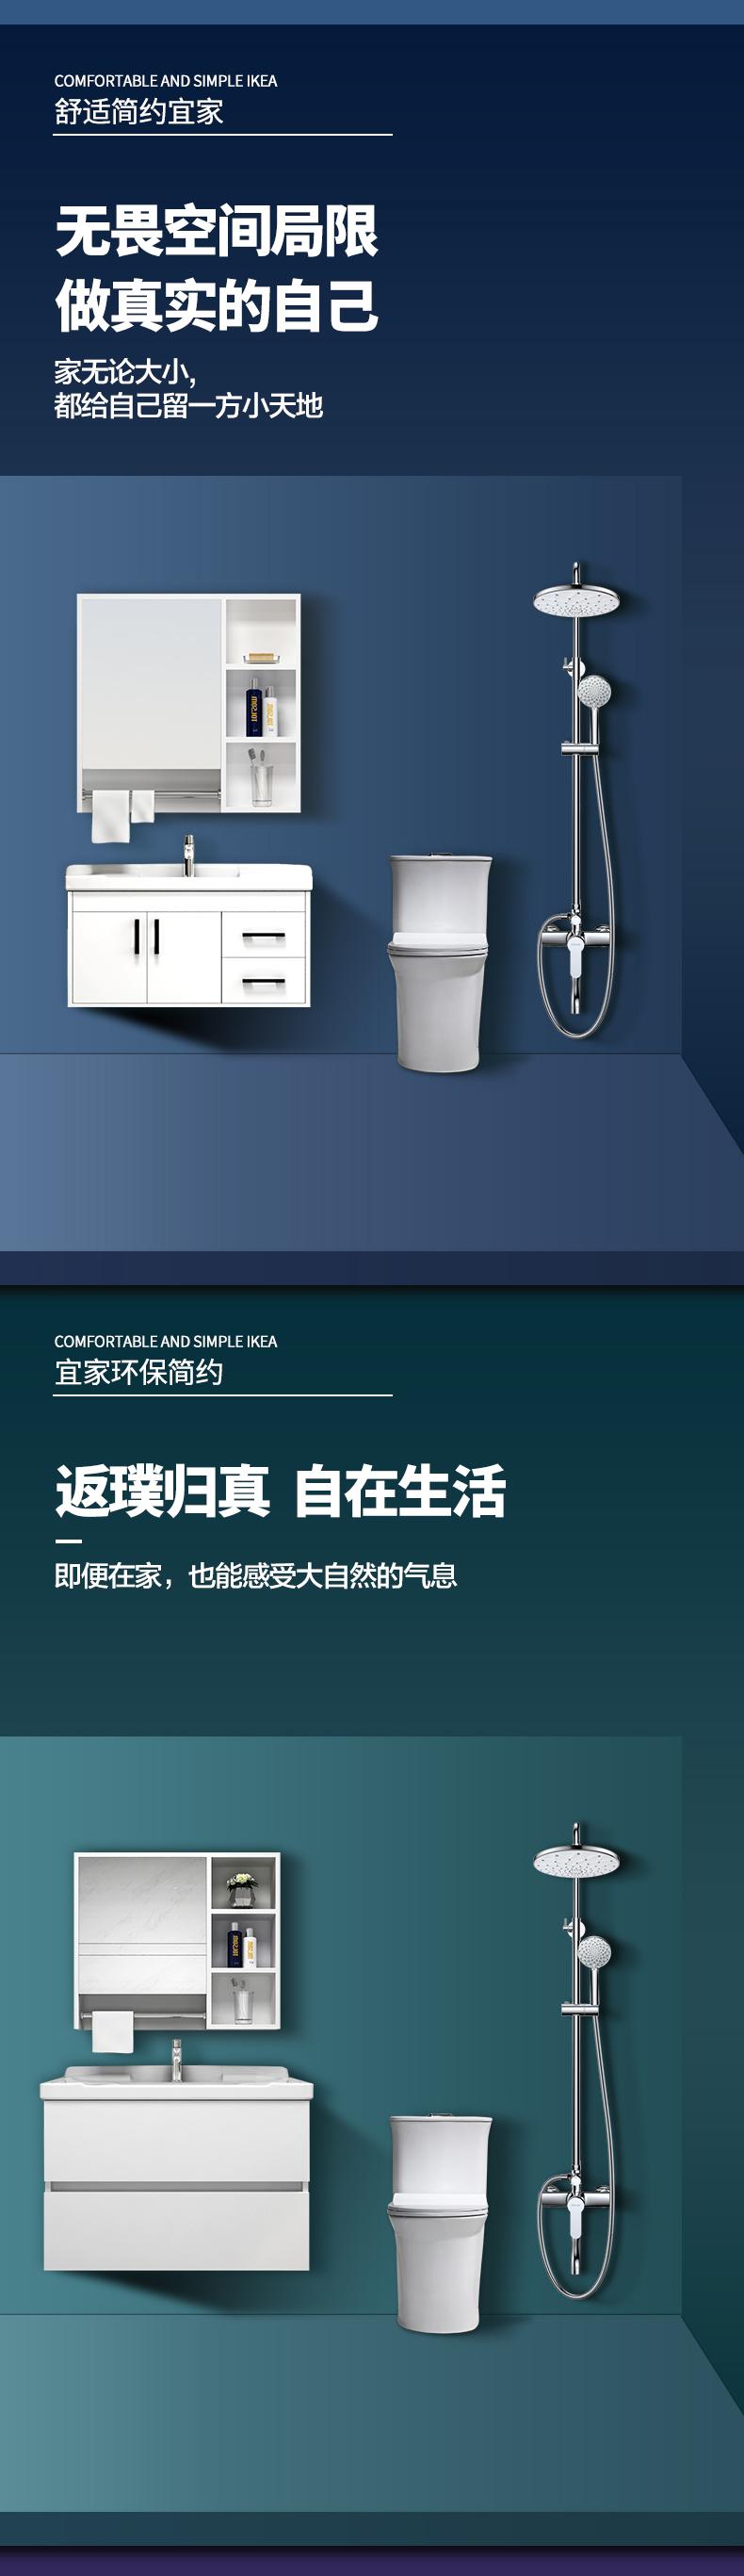 白色浴室柜套裝詳情_02.jpg